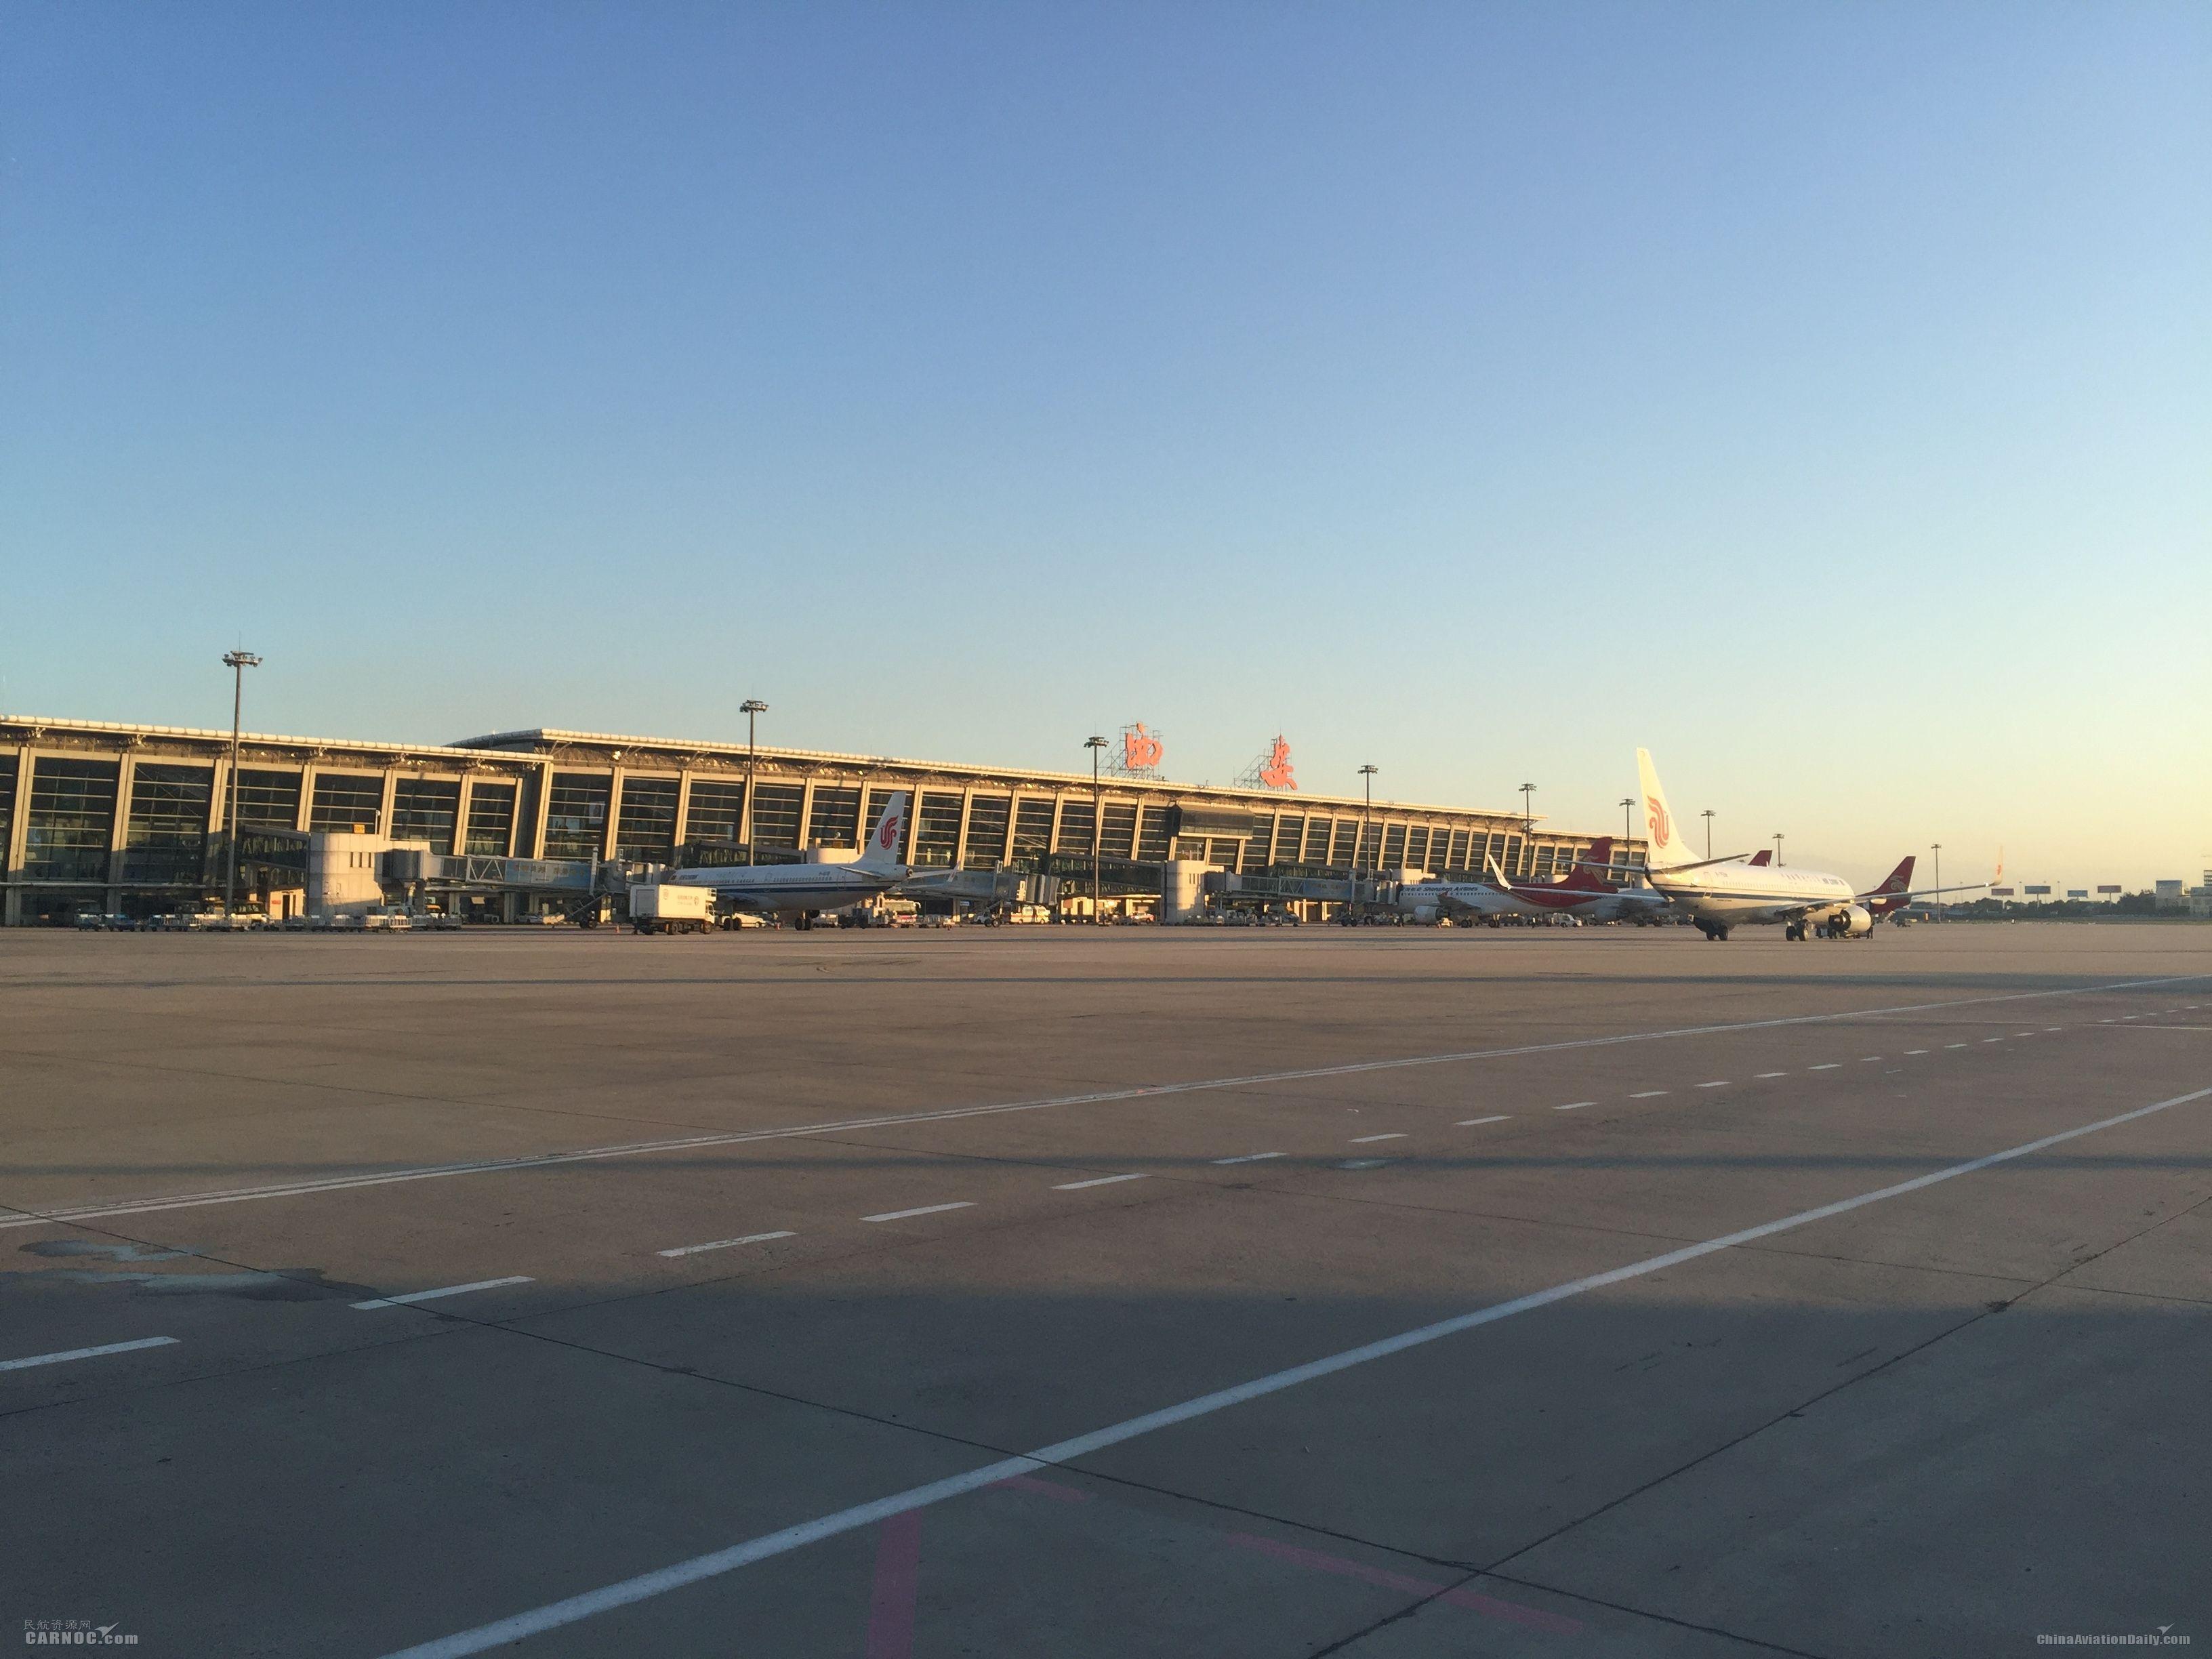 陕西加快建设西北枢纽机场群 多省协同发展